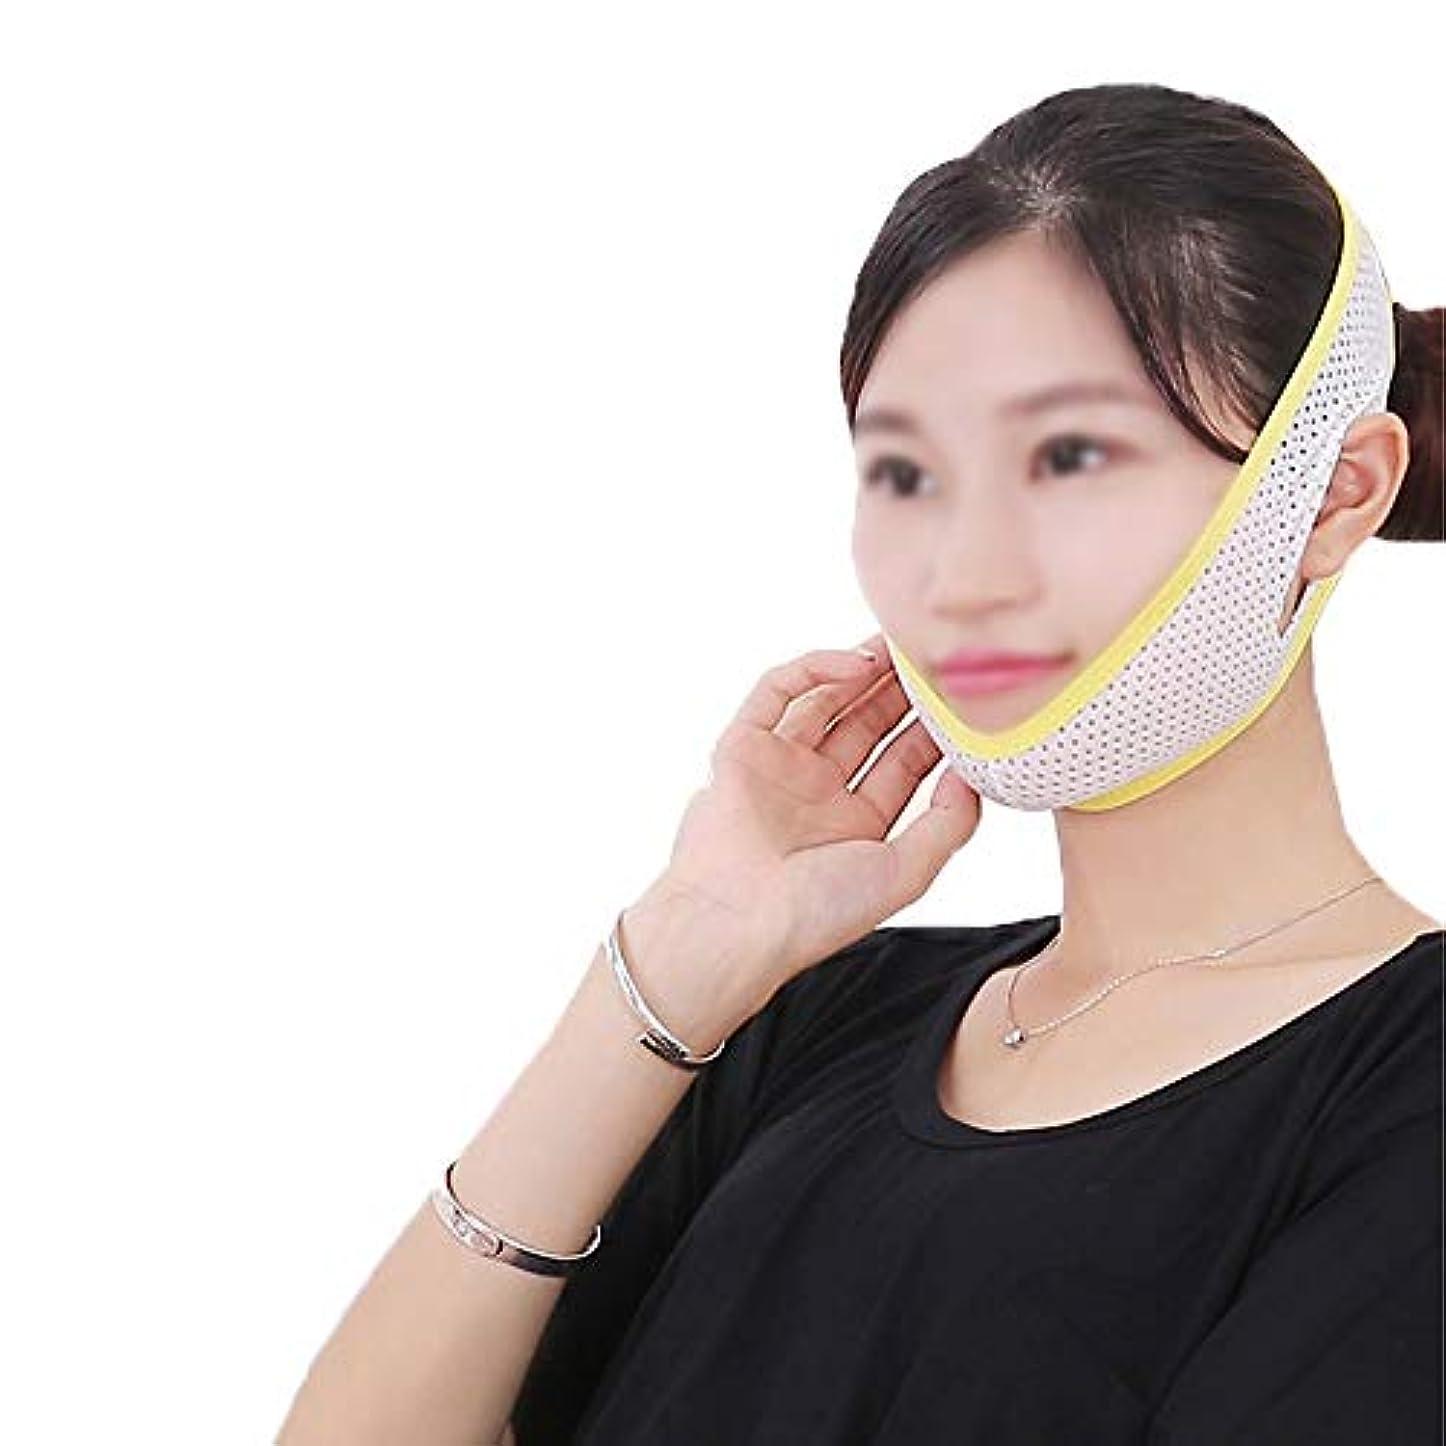 第忌避剤グラディスGLJJQMY 顔と首リフト薄いフェイスマスク強力な薄いフェイスツール締め付け薄いフェイスマスクアーティファクト薄いフェイス包帯薄い顔デバイス 顔用整形マスク (Size : M)